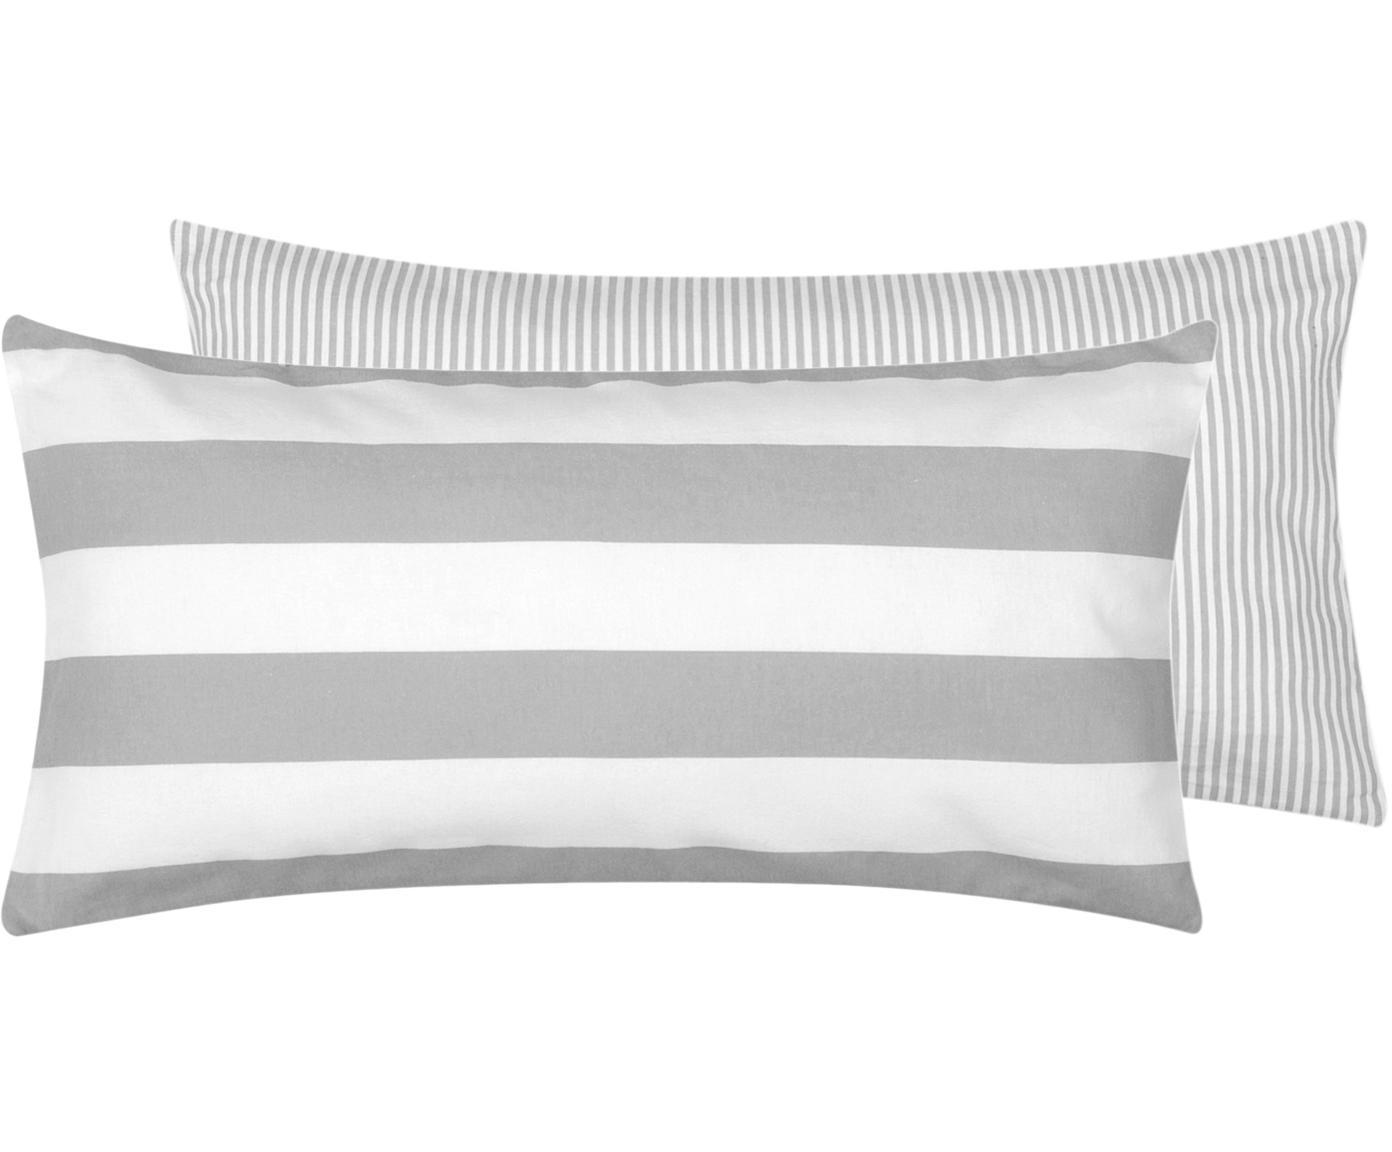 Dwustronna poszewka na poduszkę z cienkiej flaneli Tyler, 2szt., Biały, szary, S 40 x D 80 cm